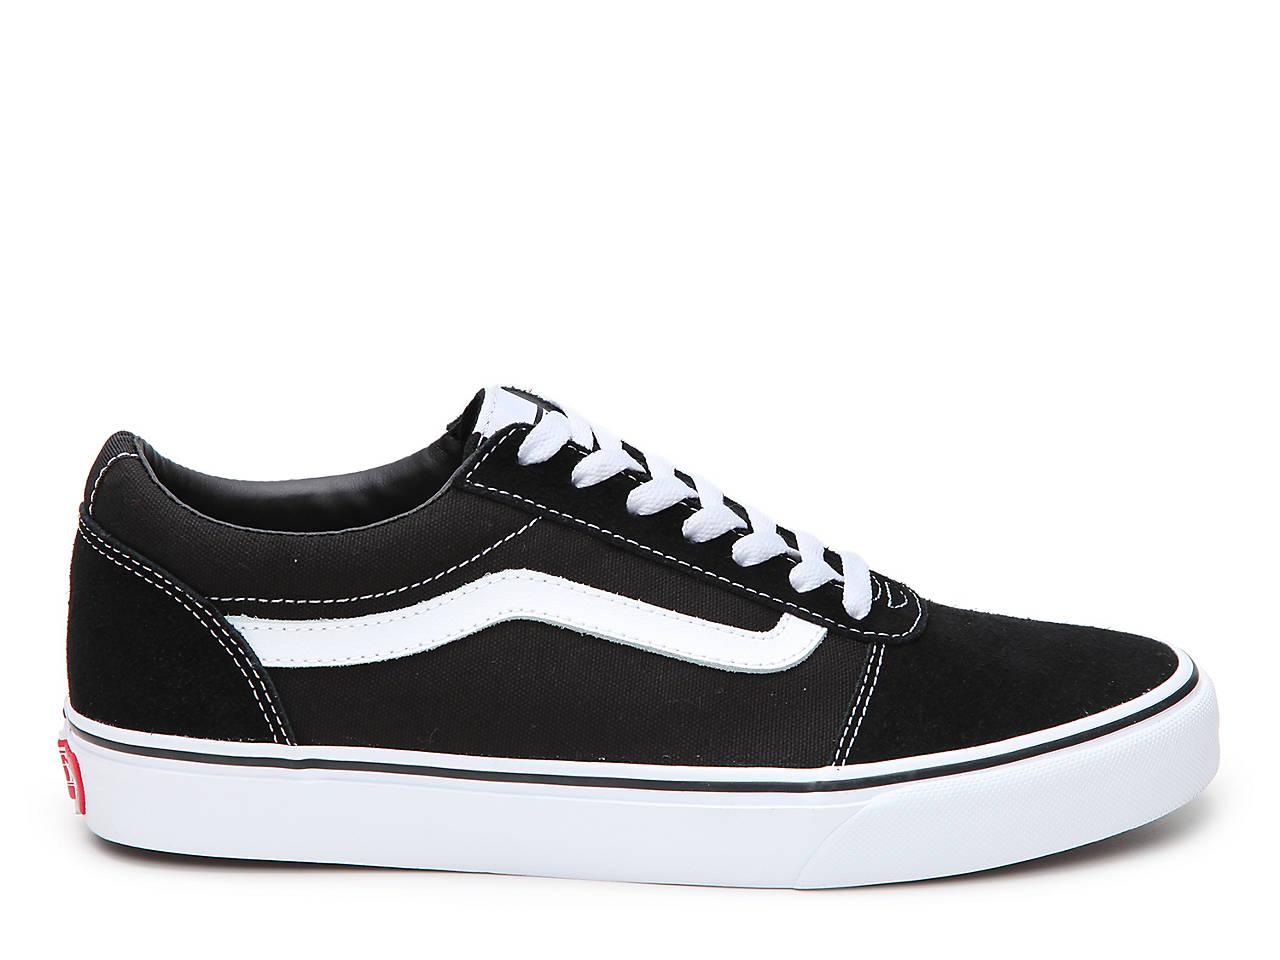 f6a8b4488aec Vans Ward Lo Suede Sneaker - Women s Women s Shoes